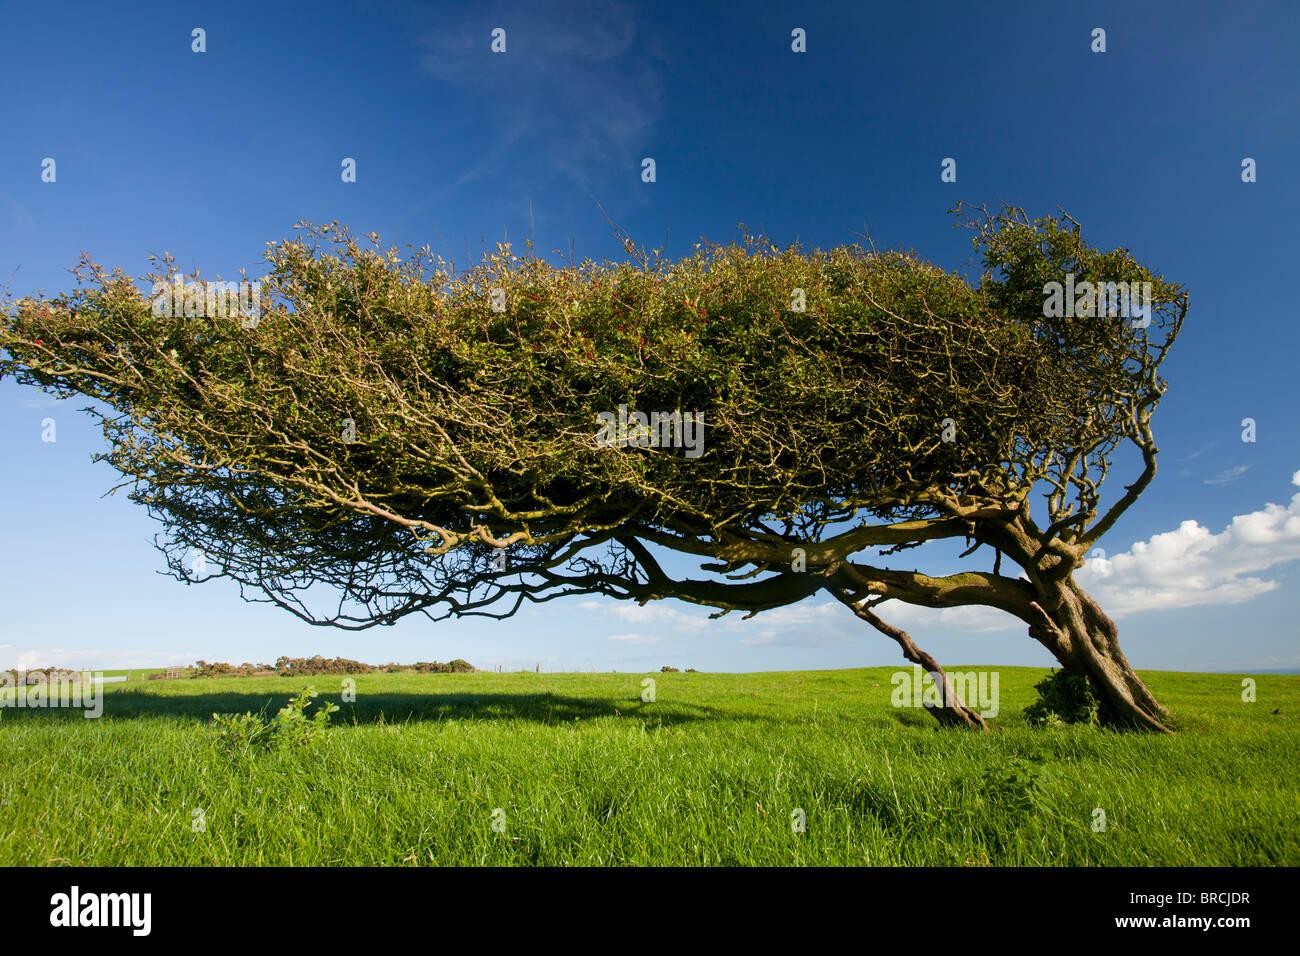 Vent très-vieux élaguées, arbre d'aubépine Crataegus monogyna, sur les collines de Purbeck, Photo Stock